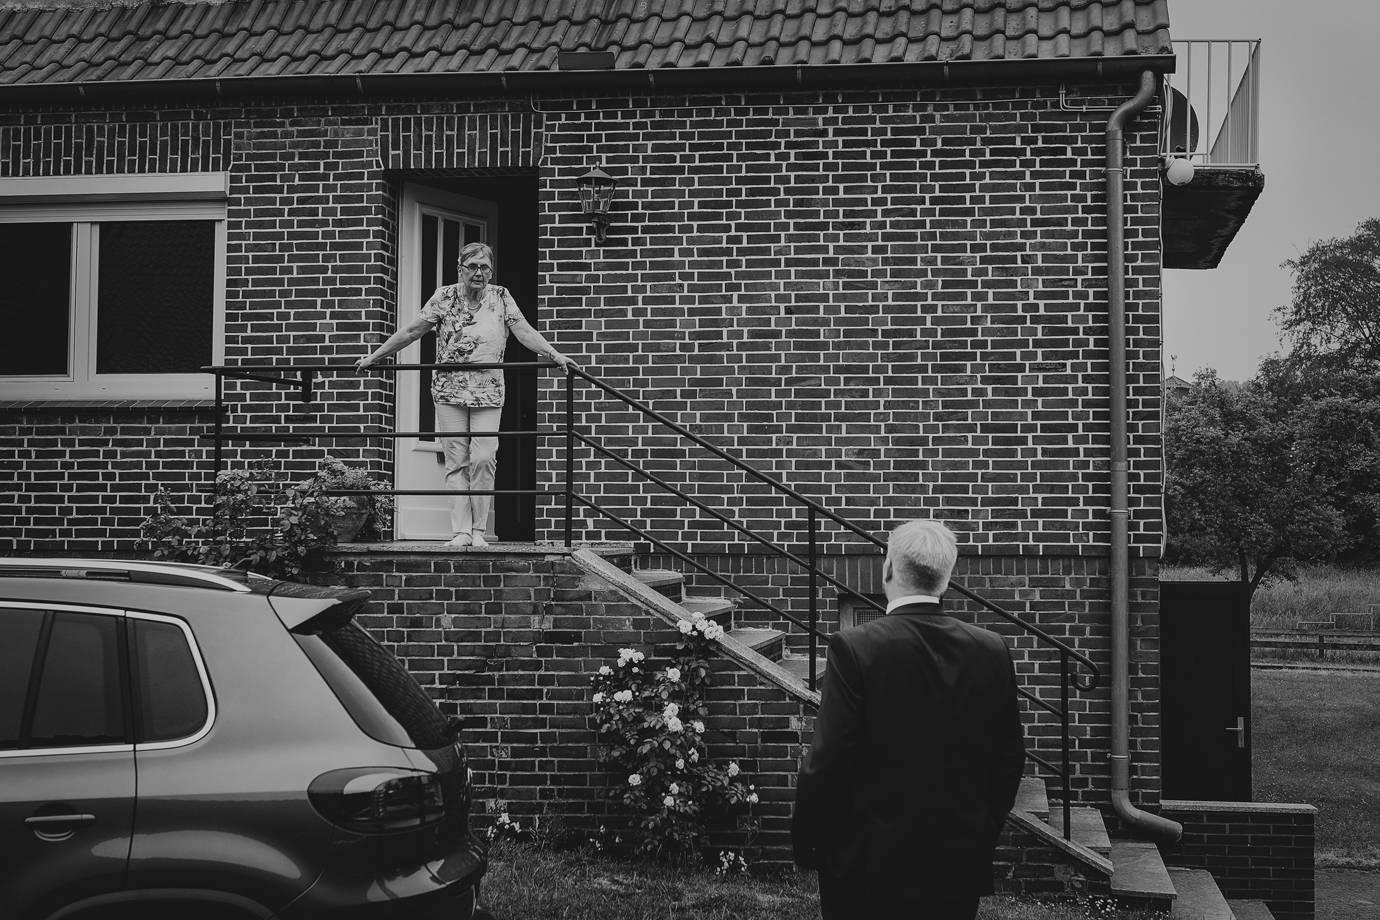 hochzeitsfotograf rotenburg 013 - Rebecca+Malte